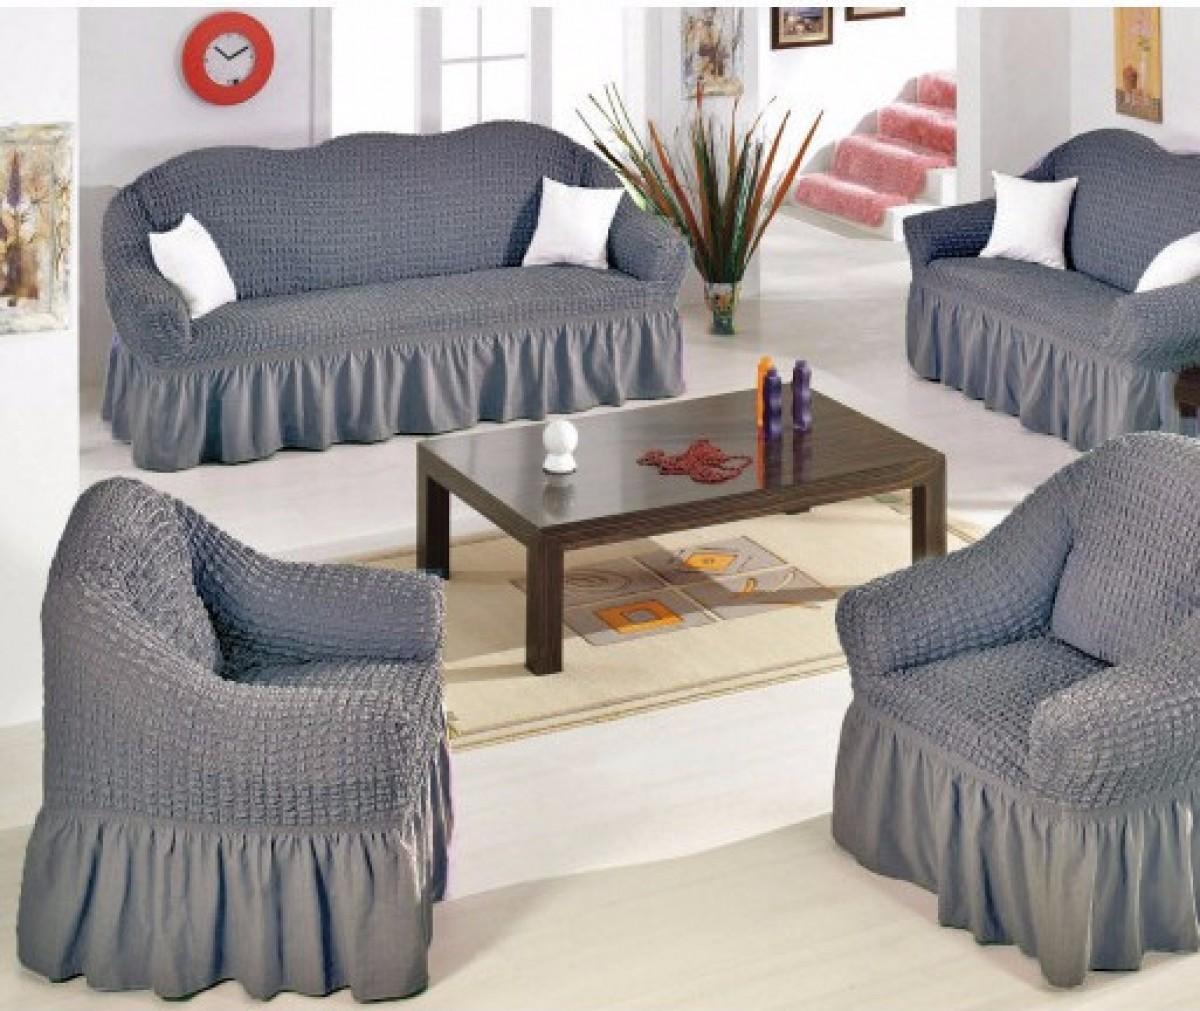 Ελαστικά καλύμματα Καναπέ Βολάν 70/30 Αίθριο-Τετραθέσιος-Γκρι-6+ Χρώματα Διαθέσι καλύμματα επίπλων καλύμματα καναπέ σαλονιού   πολυθρόνας